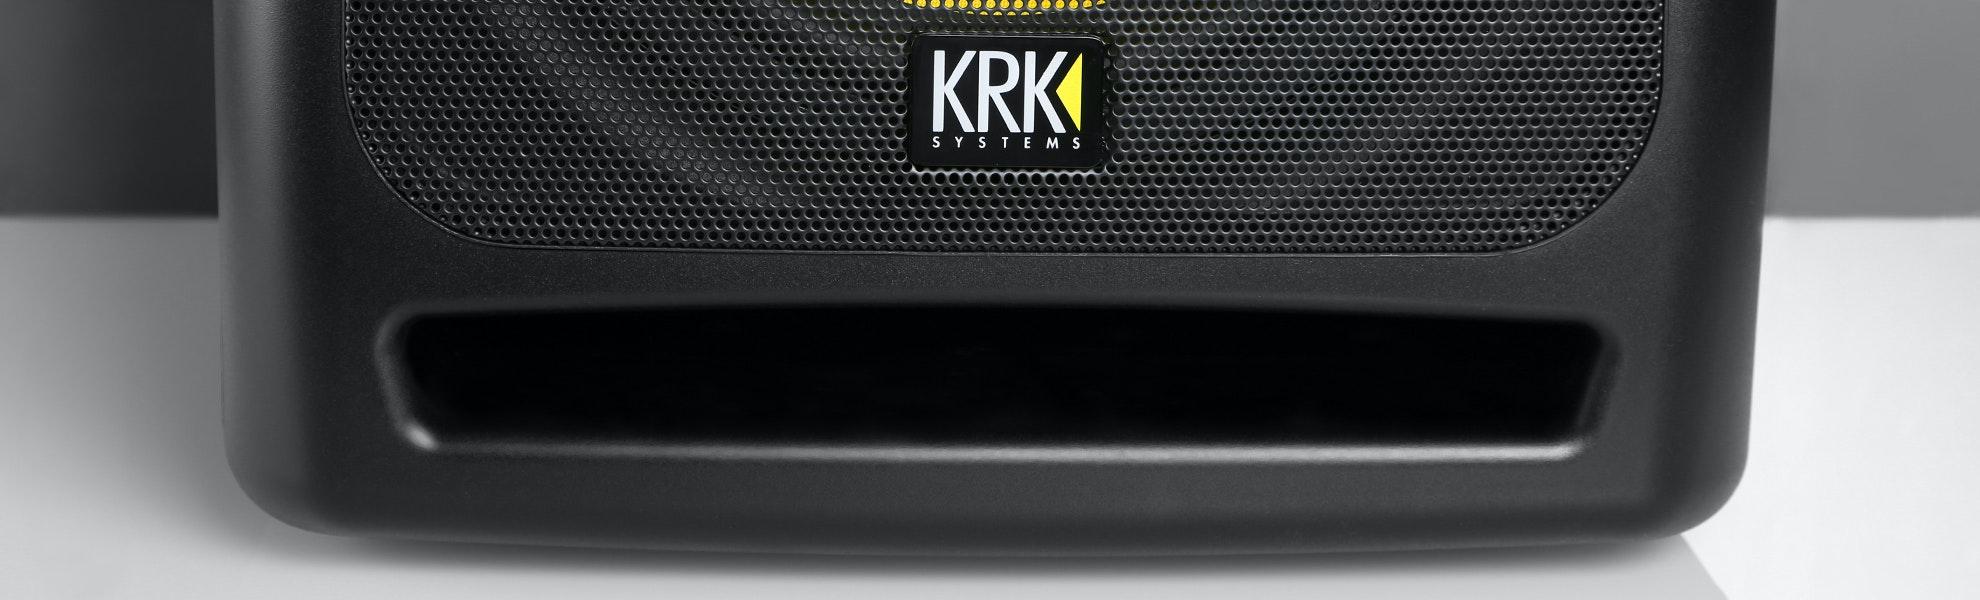 KRK 10S Sub Woofer